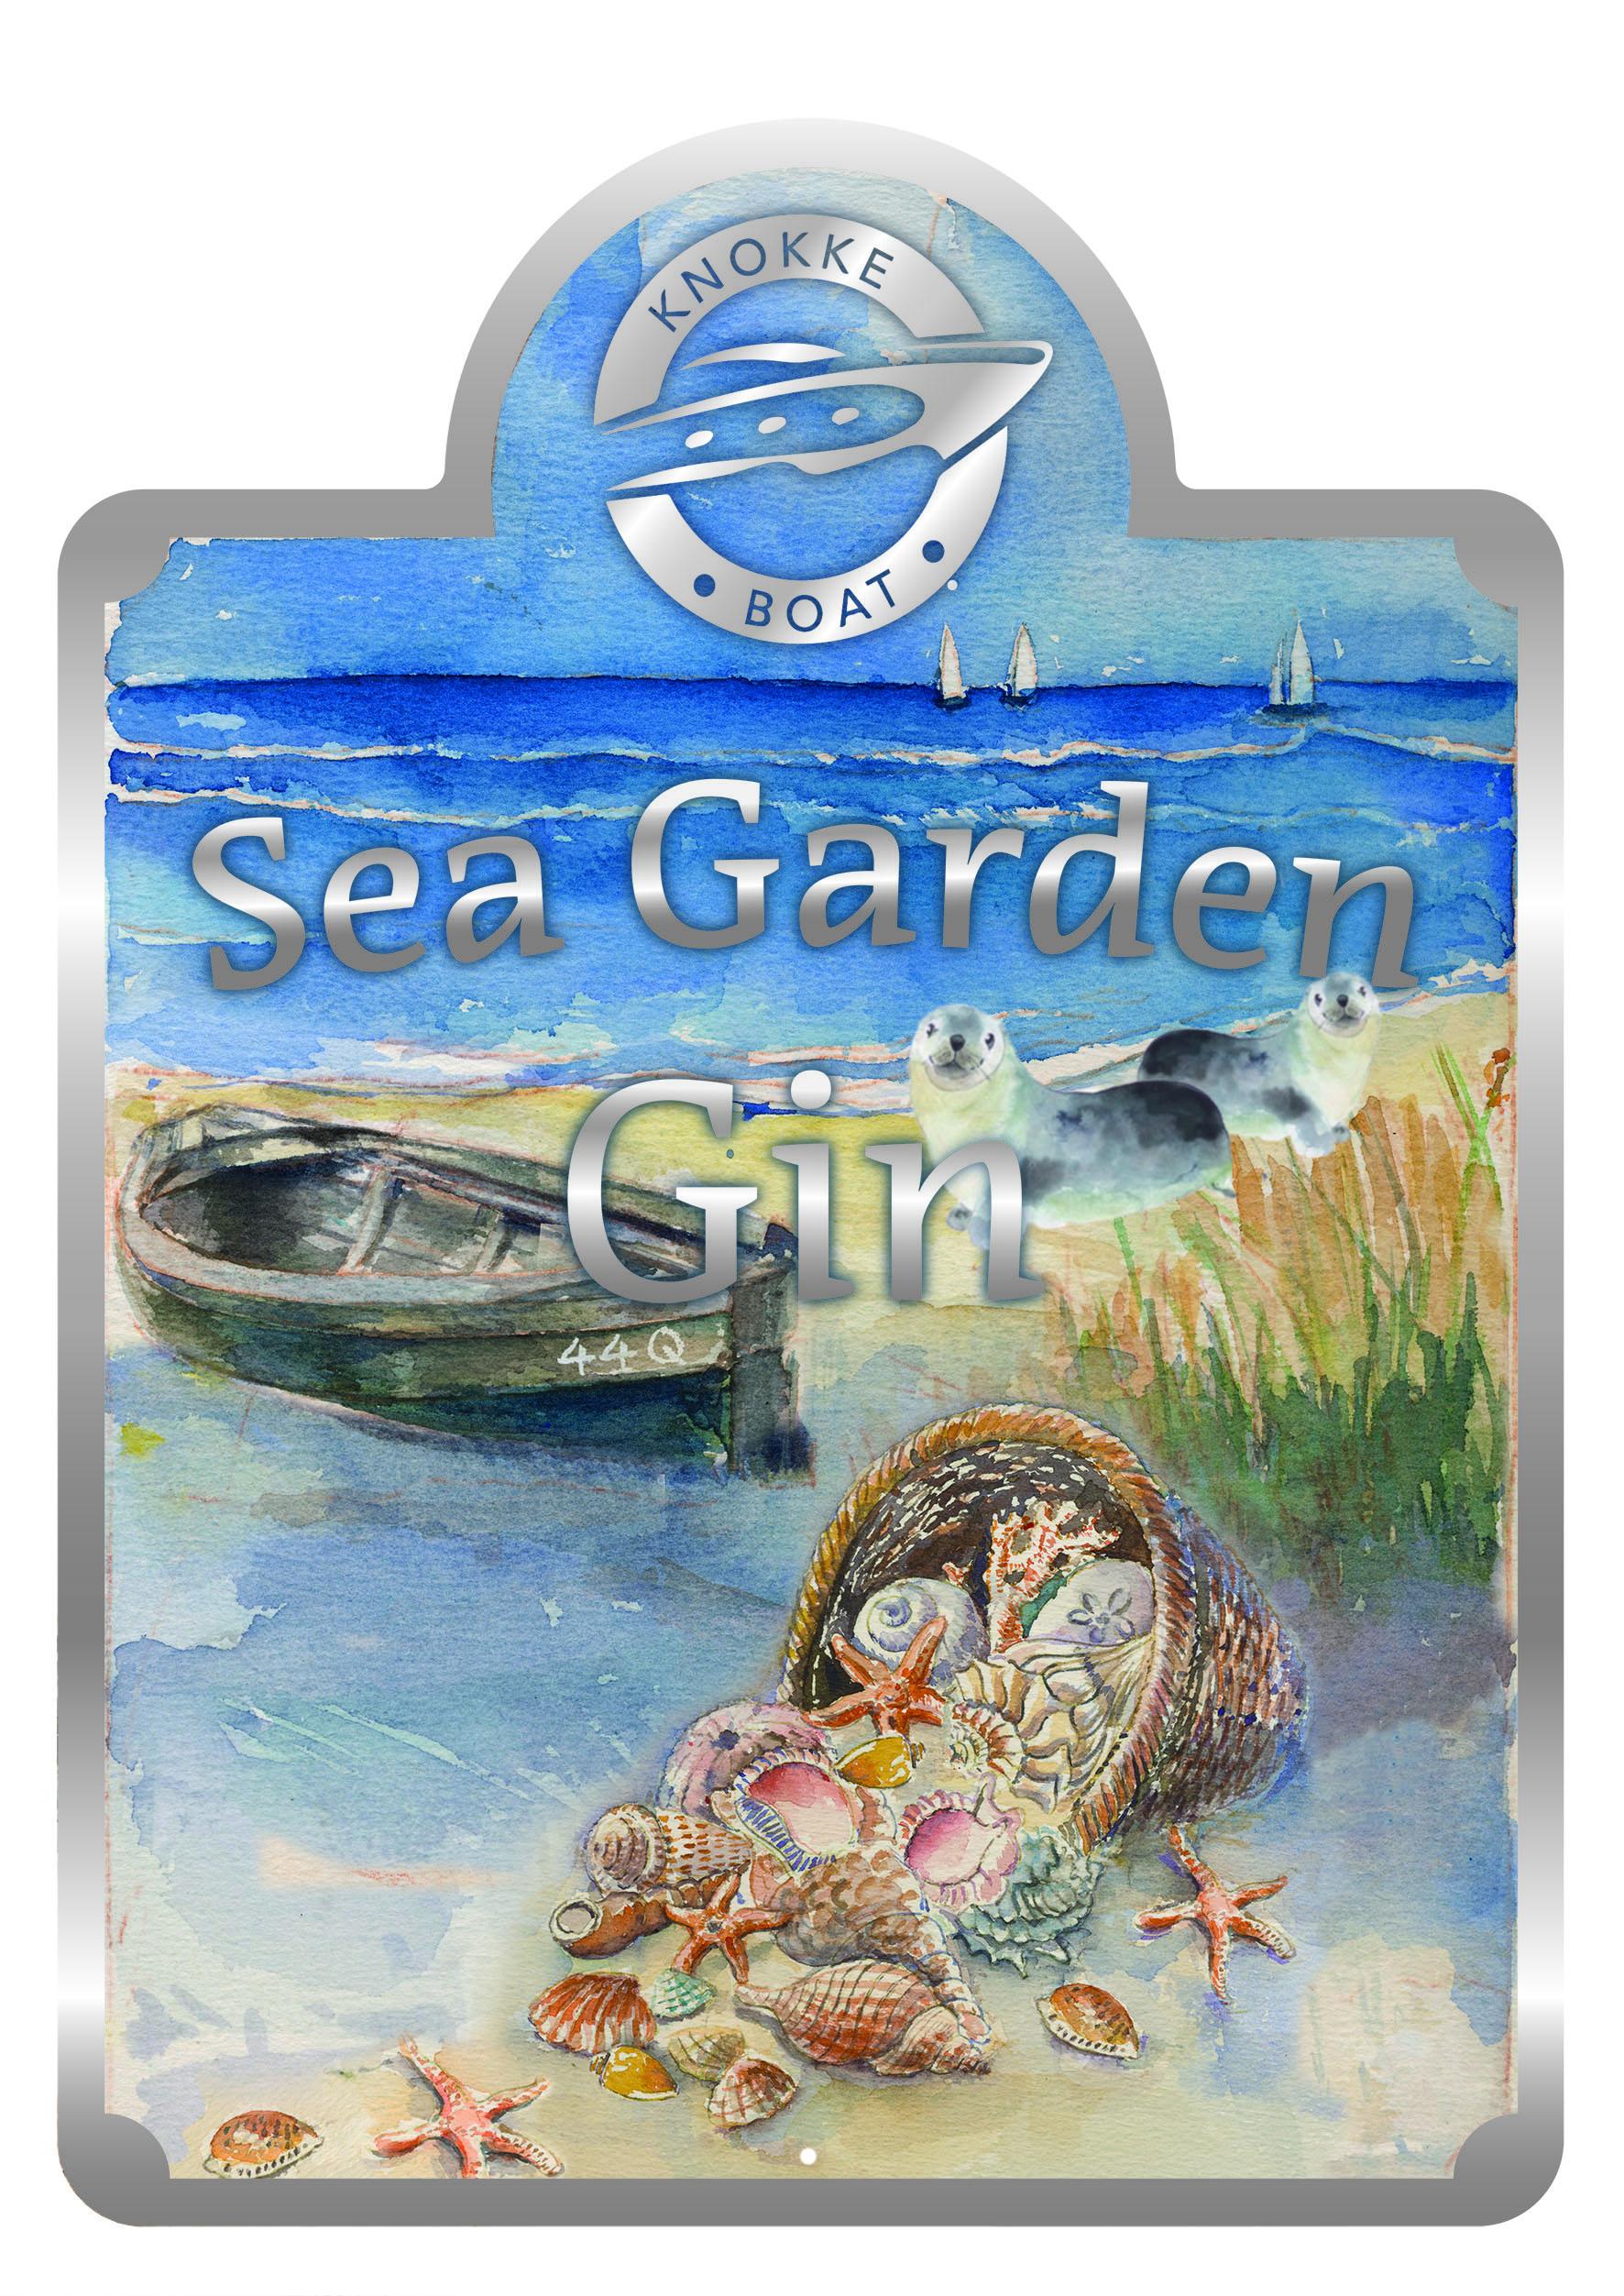 Knokke Boat Sea Garden Gin